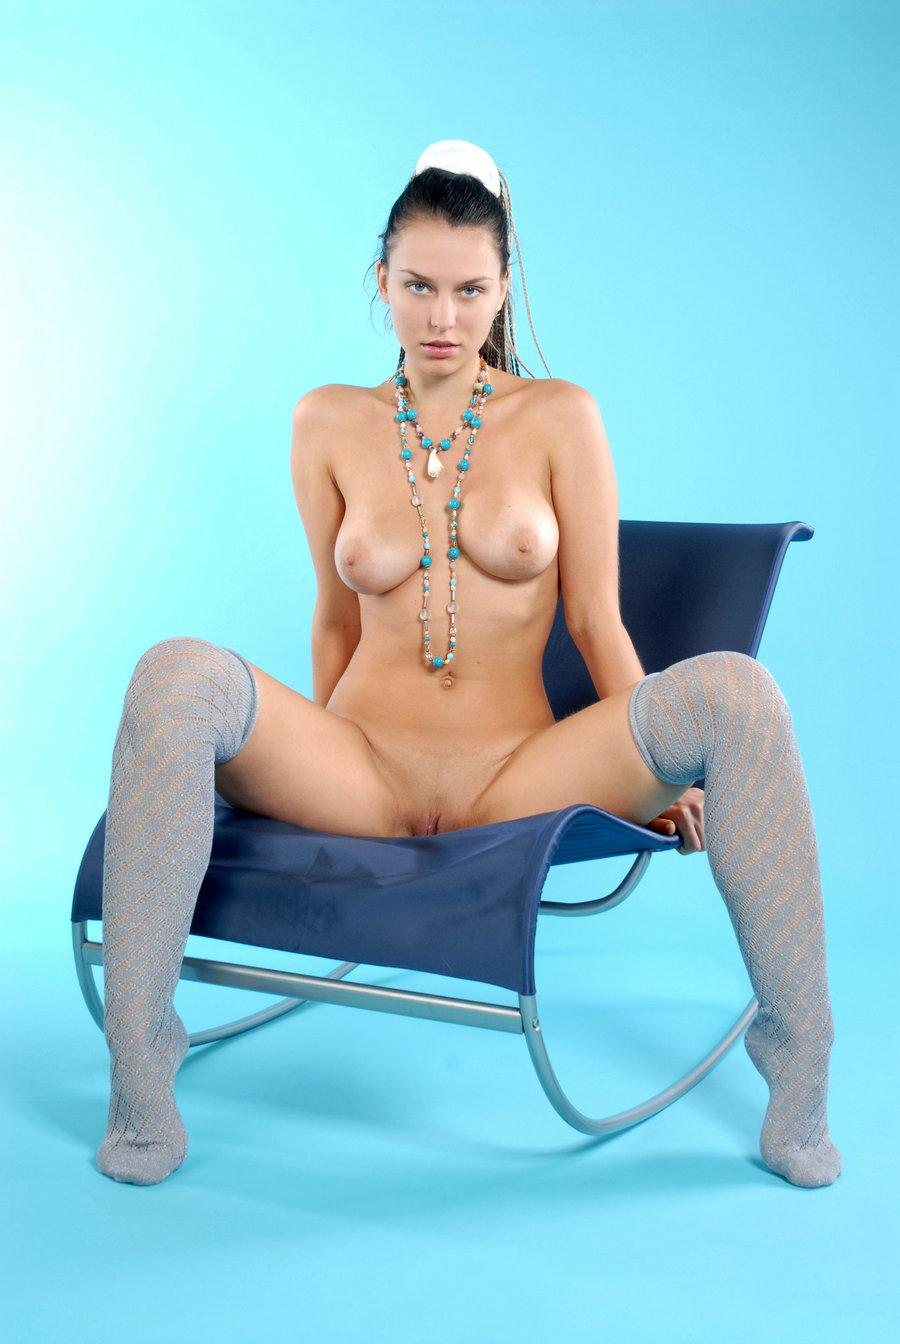 蓝色背景室拍大尺度俄罗斯名模Iveagh